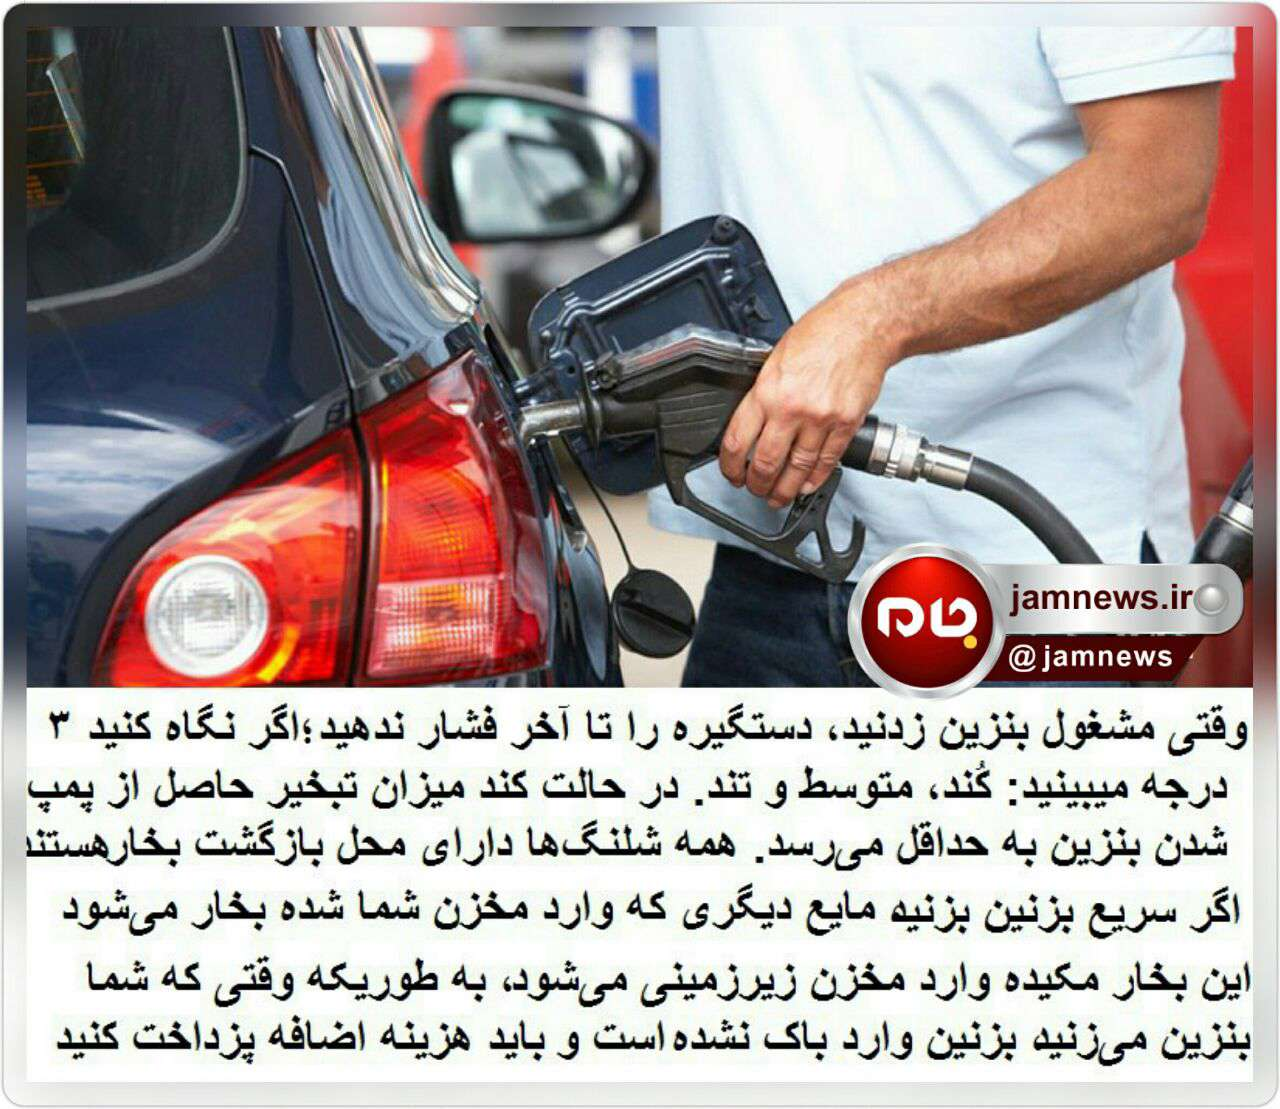 میدونید چرا  میگن موقع بنزین زدن نباید نازل را تا آخر فشار داد؟!